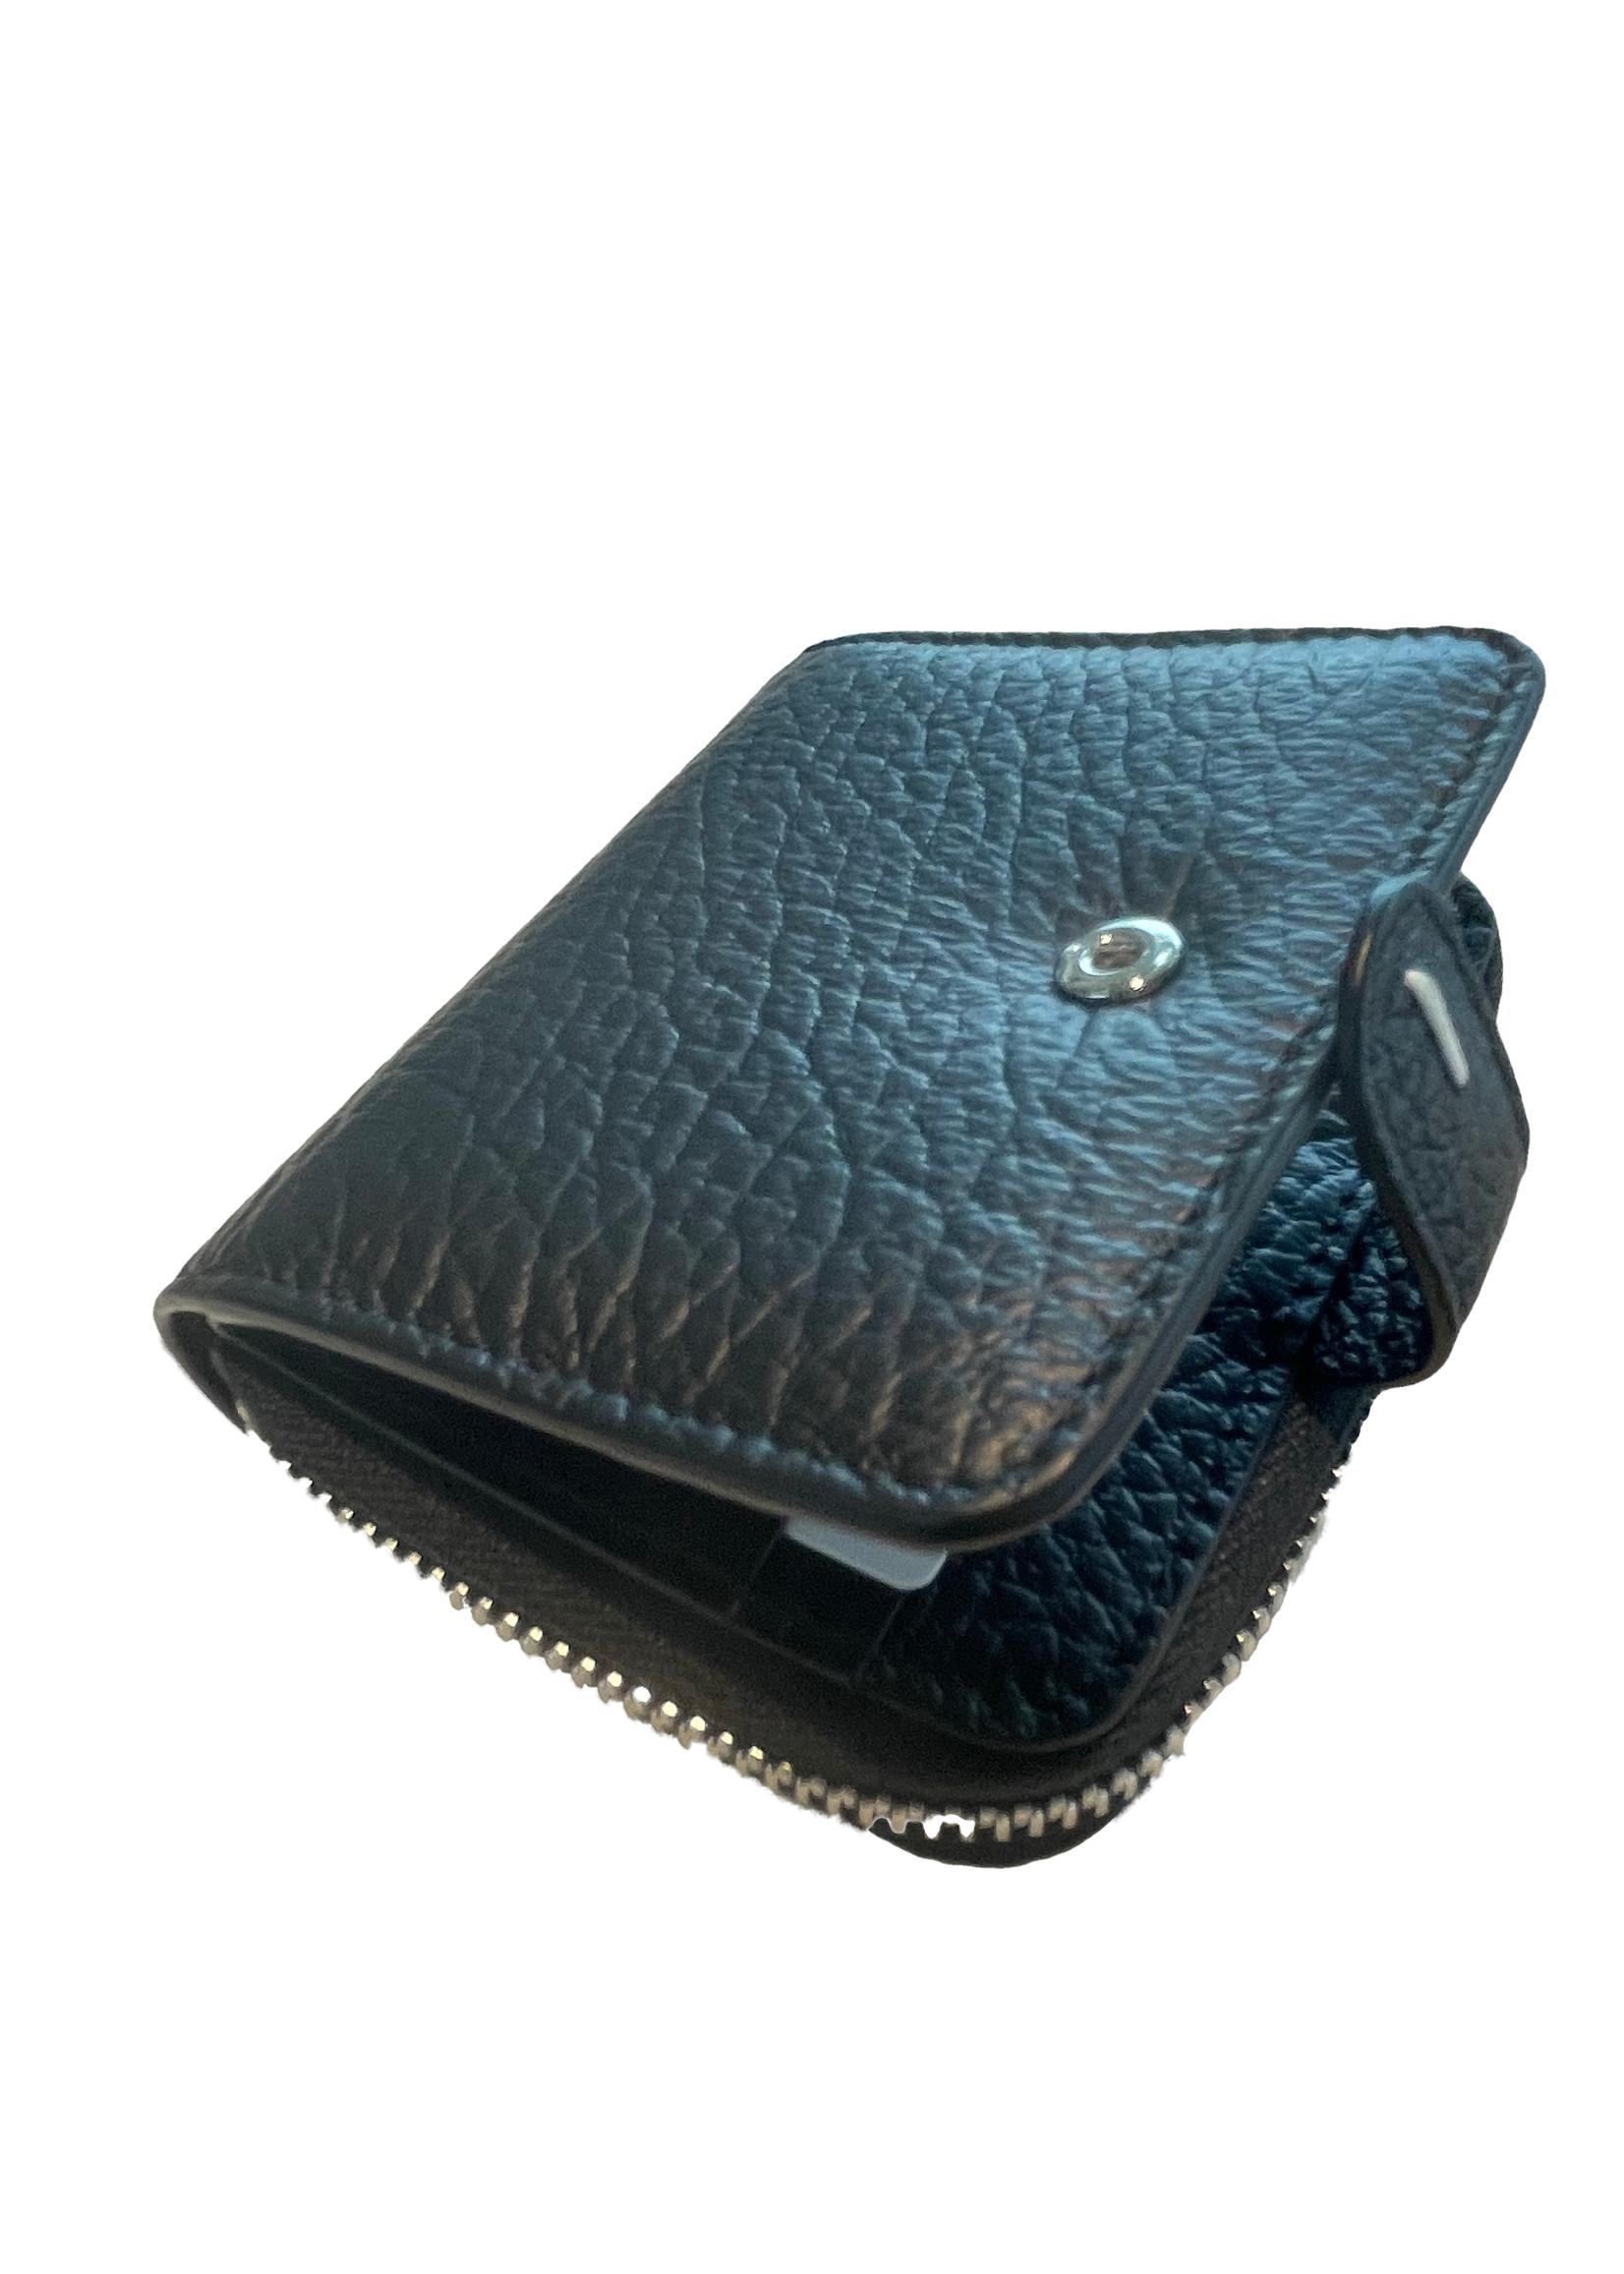 Maison Margiela Full Zip Wallet in Black